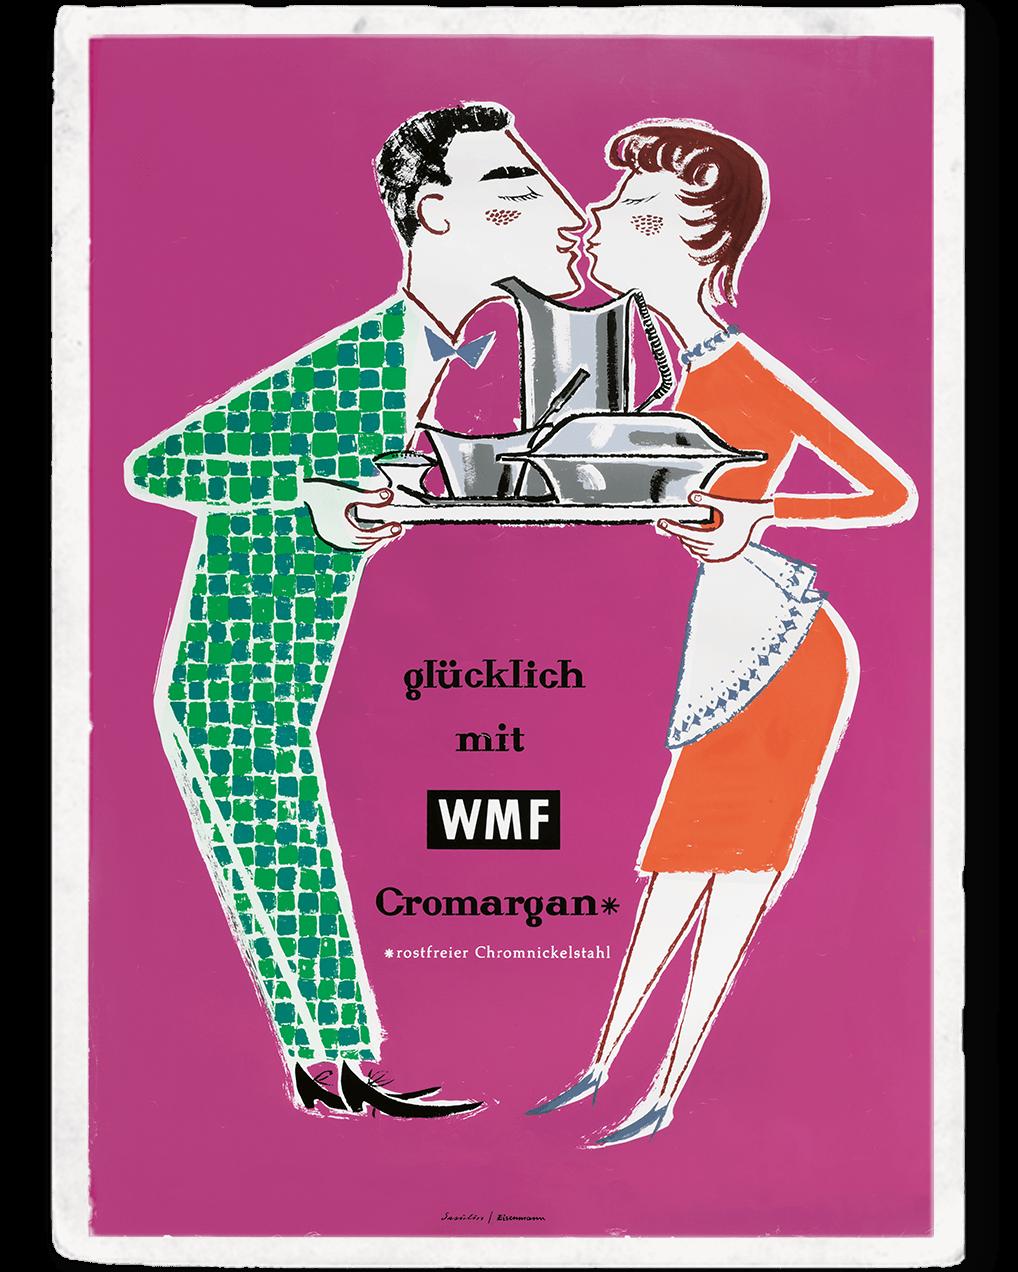 WMF-people